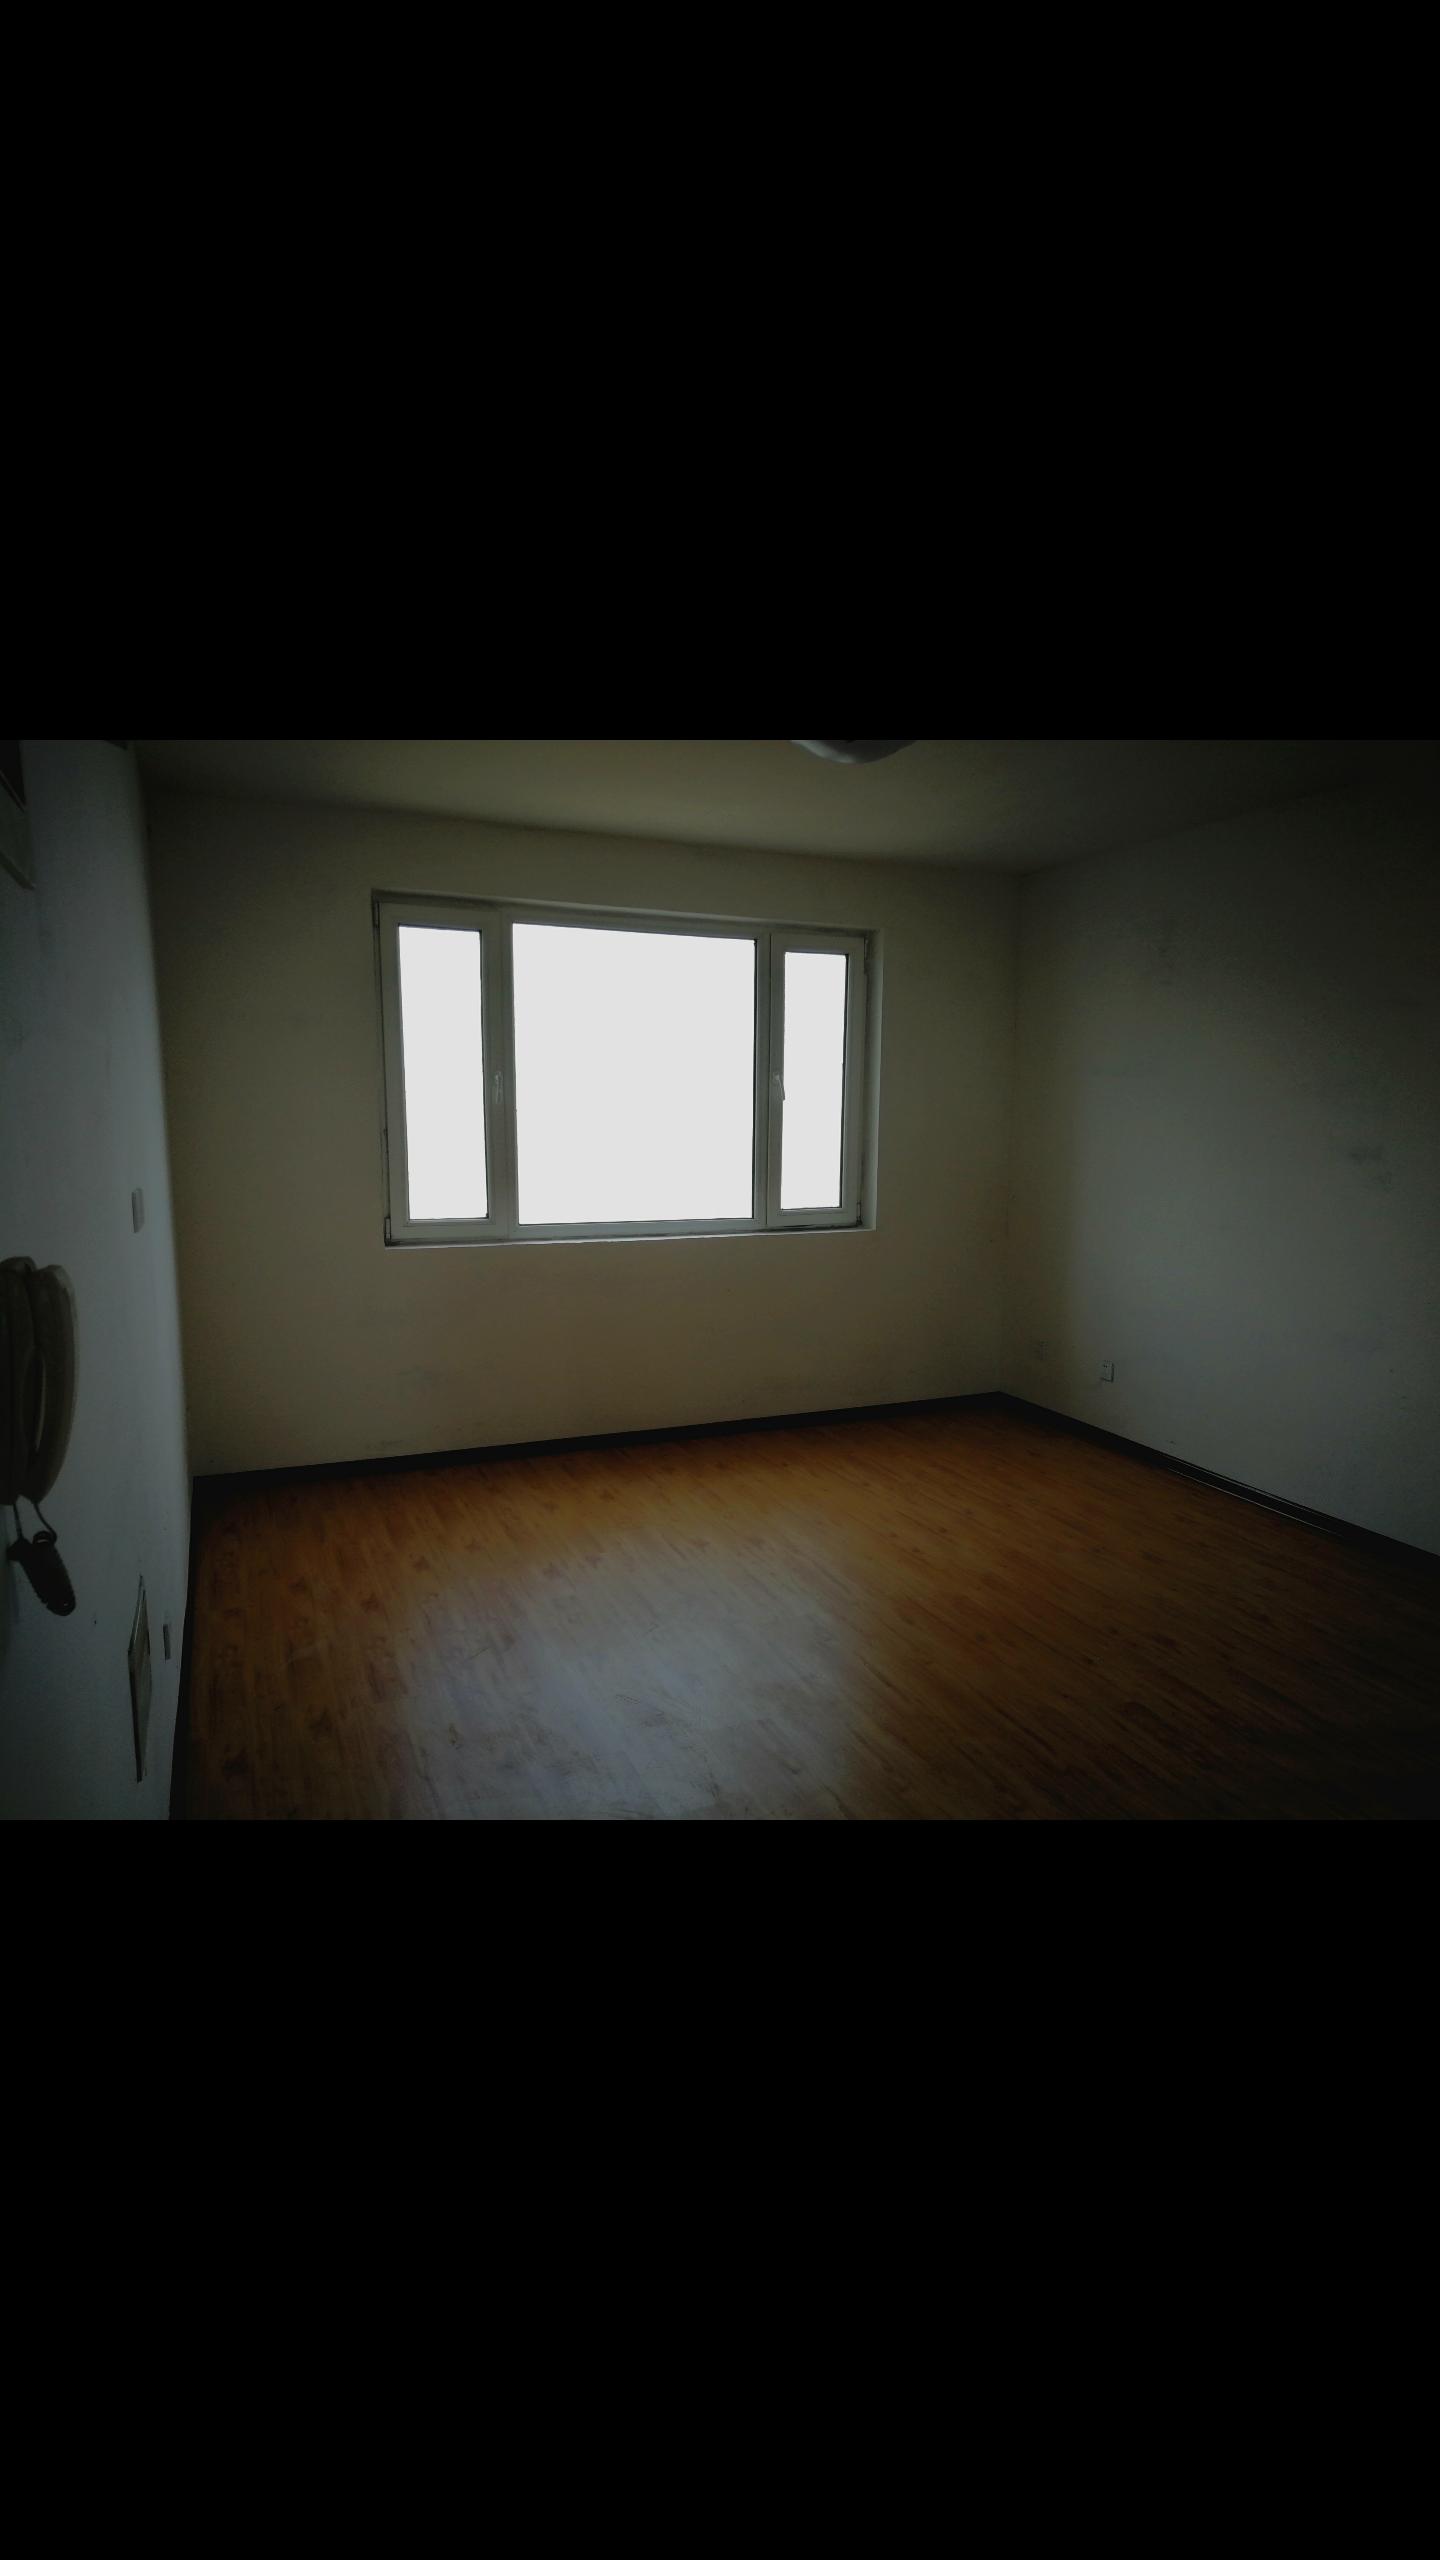 渚河路 邯郸屹立温泉花园 3室 2厅 119平米 整租